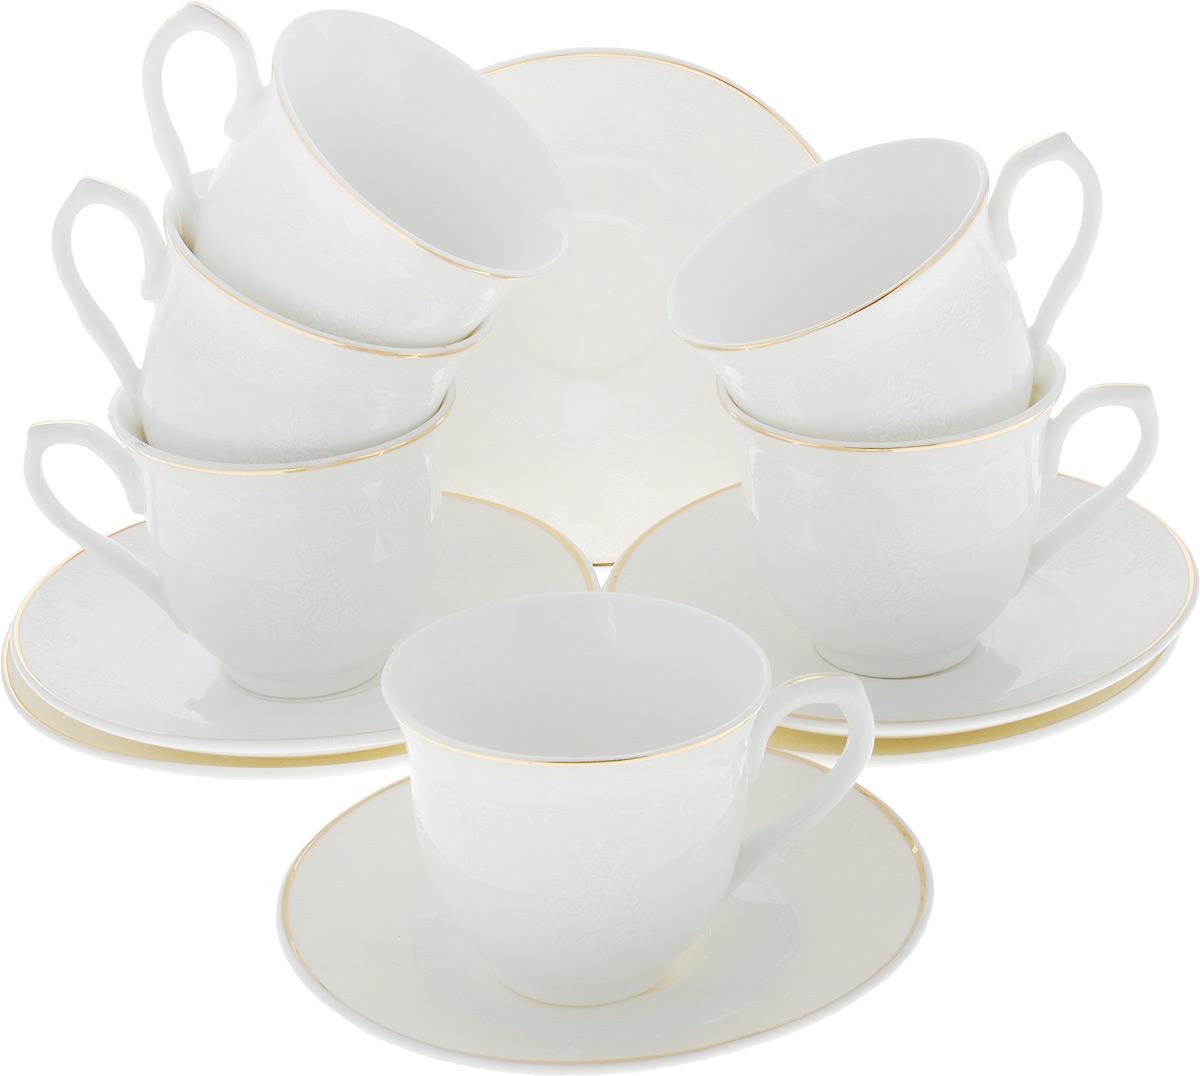 Сервиз кофейный Loraine, 12 предметов. 2643826438Кофейный сервиз Loraine на 6 персон выполнен из высококачественного костяного фарфора - материала, безопасного для здоровья и надолго сохраняющего тепло напитка. В наборе 6 кофейных чашек и 6 блюдец. Несмотря на свою внешнюю хрупкость, каждый из предметов набора обладает высокой прочностью и надежностью. Элегантный классический дизайн с тонкой золотой каймой делает этот кофейный набор прекрасным украшением любого стола. Блюдца и внешние стенки чашек дополнены изысканным рельефом. Набор аккуратно упакован в подарочную коробку, поэтому его можно преподнести в качестве оригинального и практичного подарка для своих родных и самых близких.Объем чашки: 80 мл. Диаметр чашки (по верхнему краю): 6 см. Высота чашки: 5,5 см. Диаметр блюдца: 11 см.